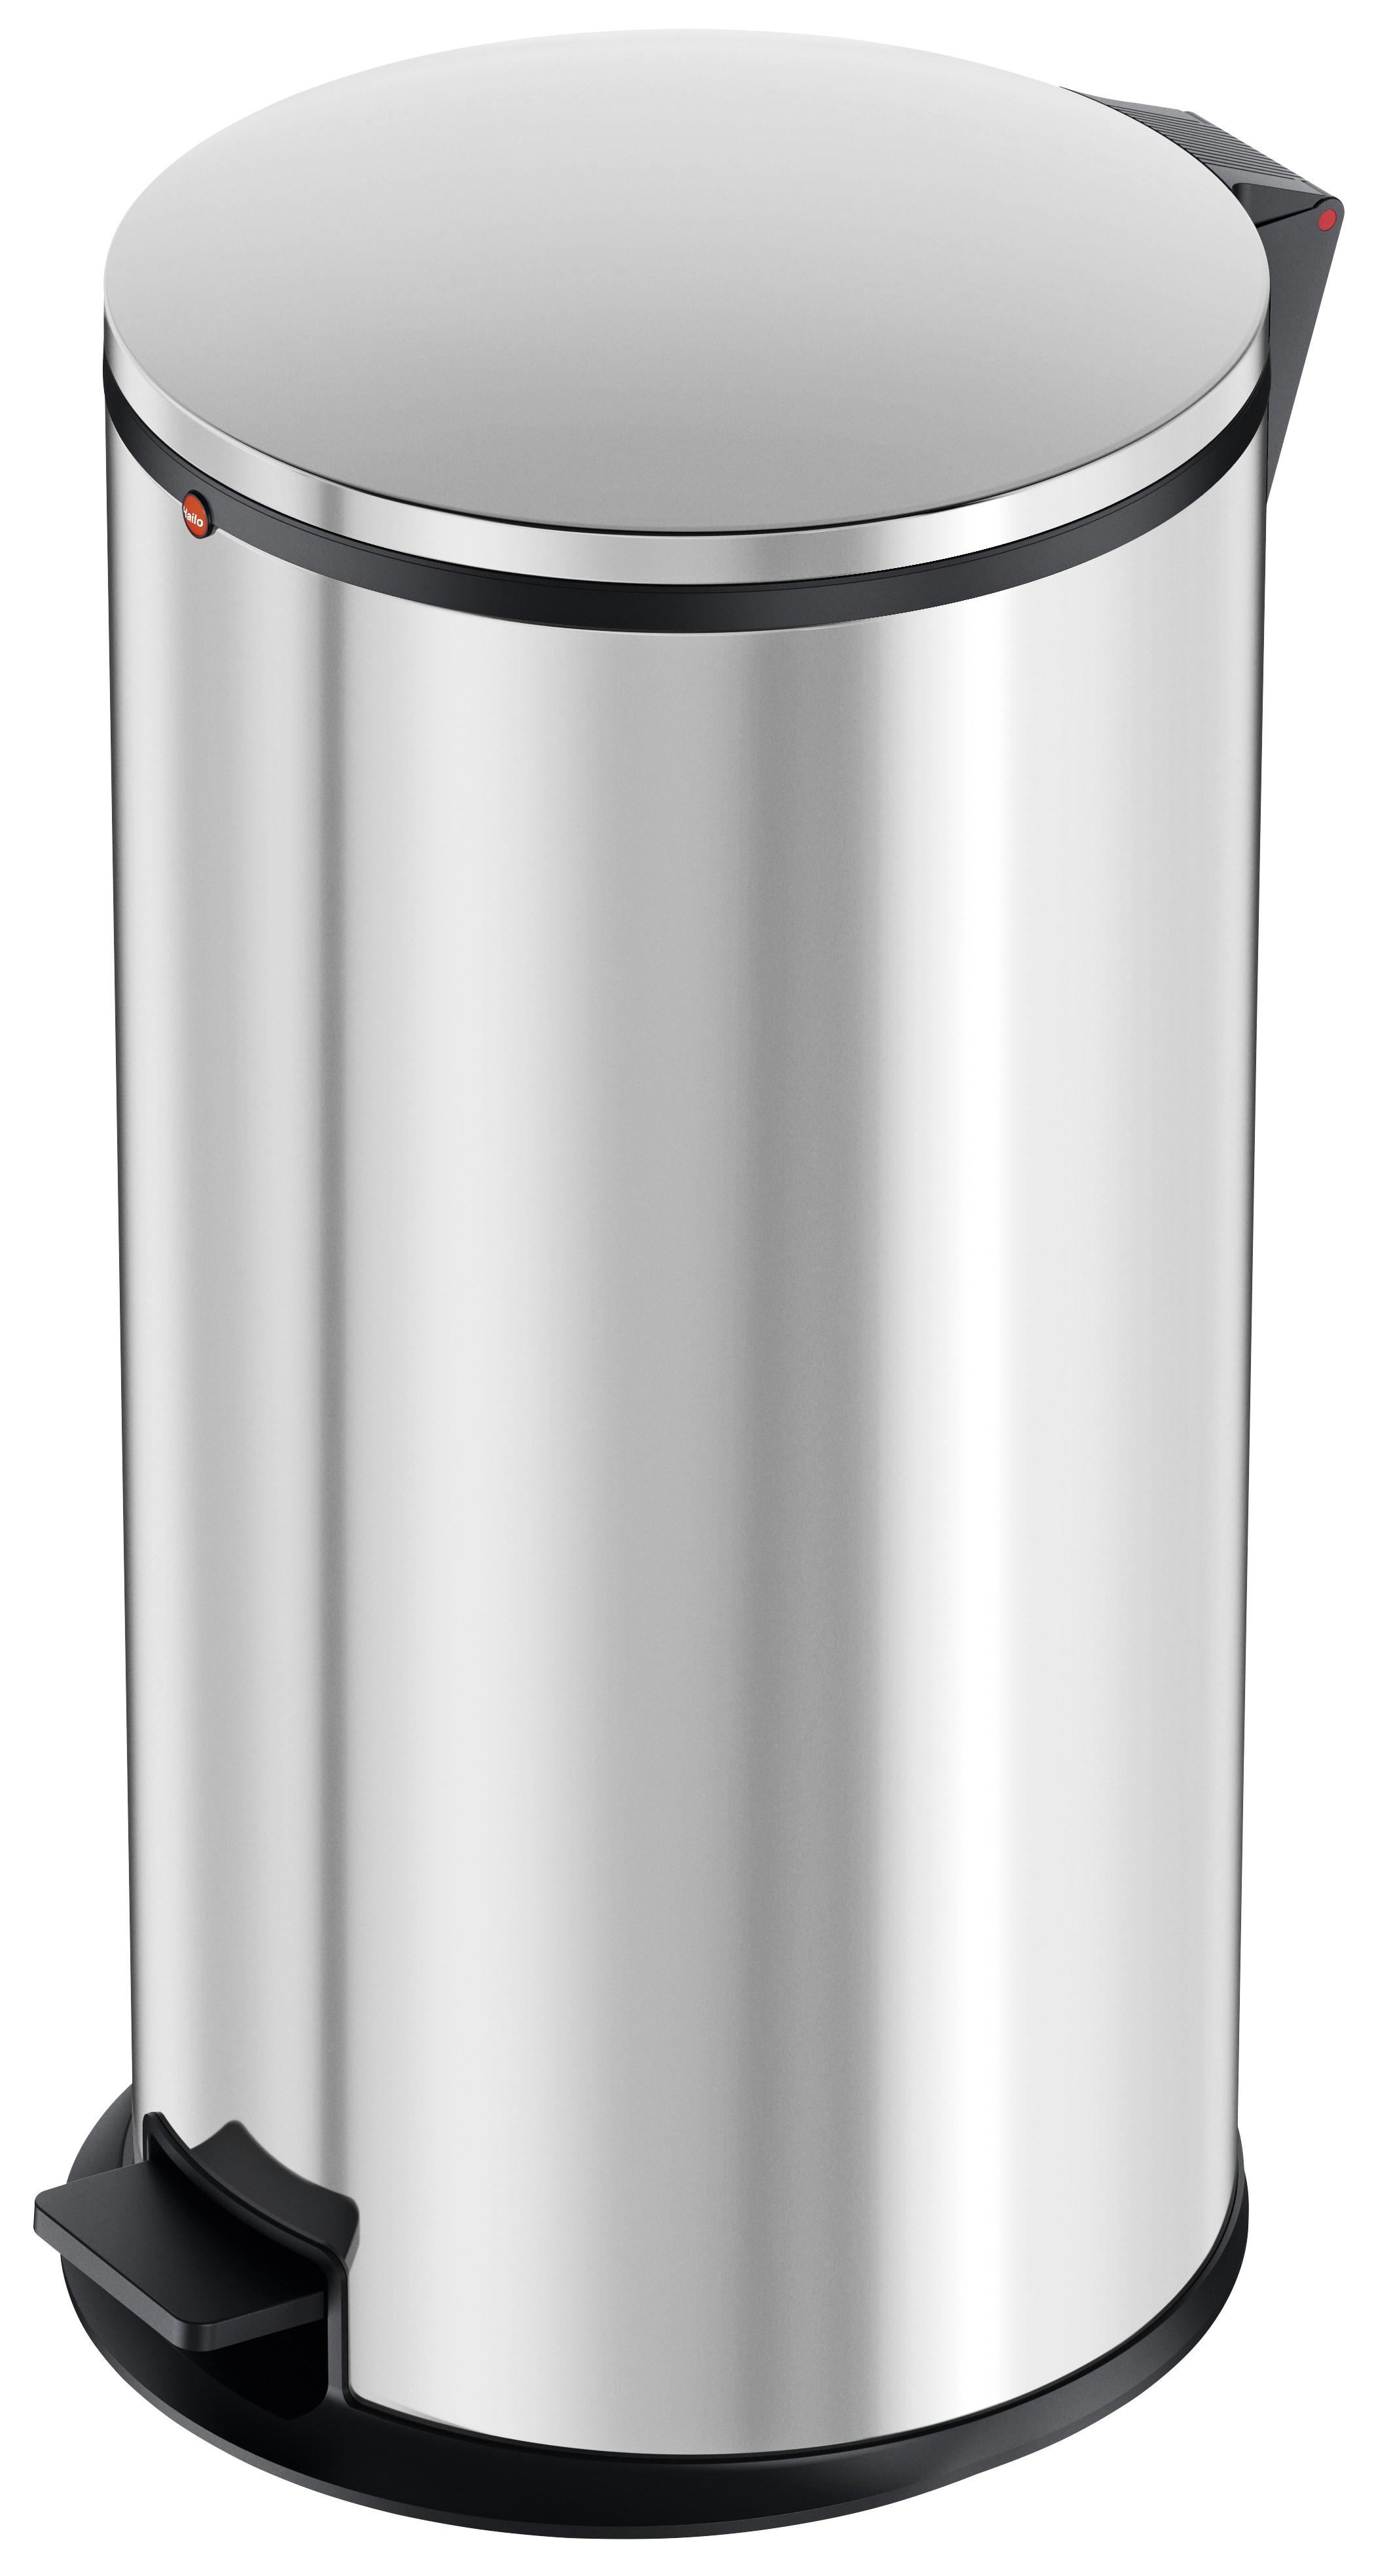 Hailo Pure XL, Edelstahl, 44 Liter, Inneneimer: verzinkt, Tret-Abfallsammler